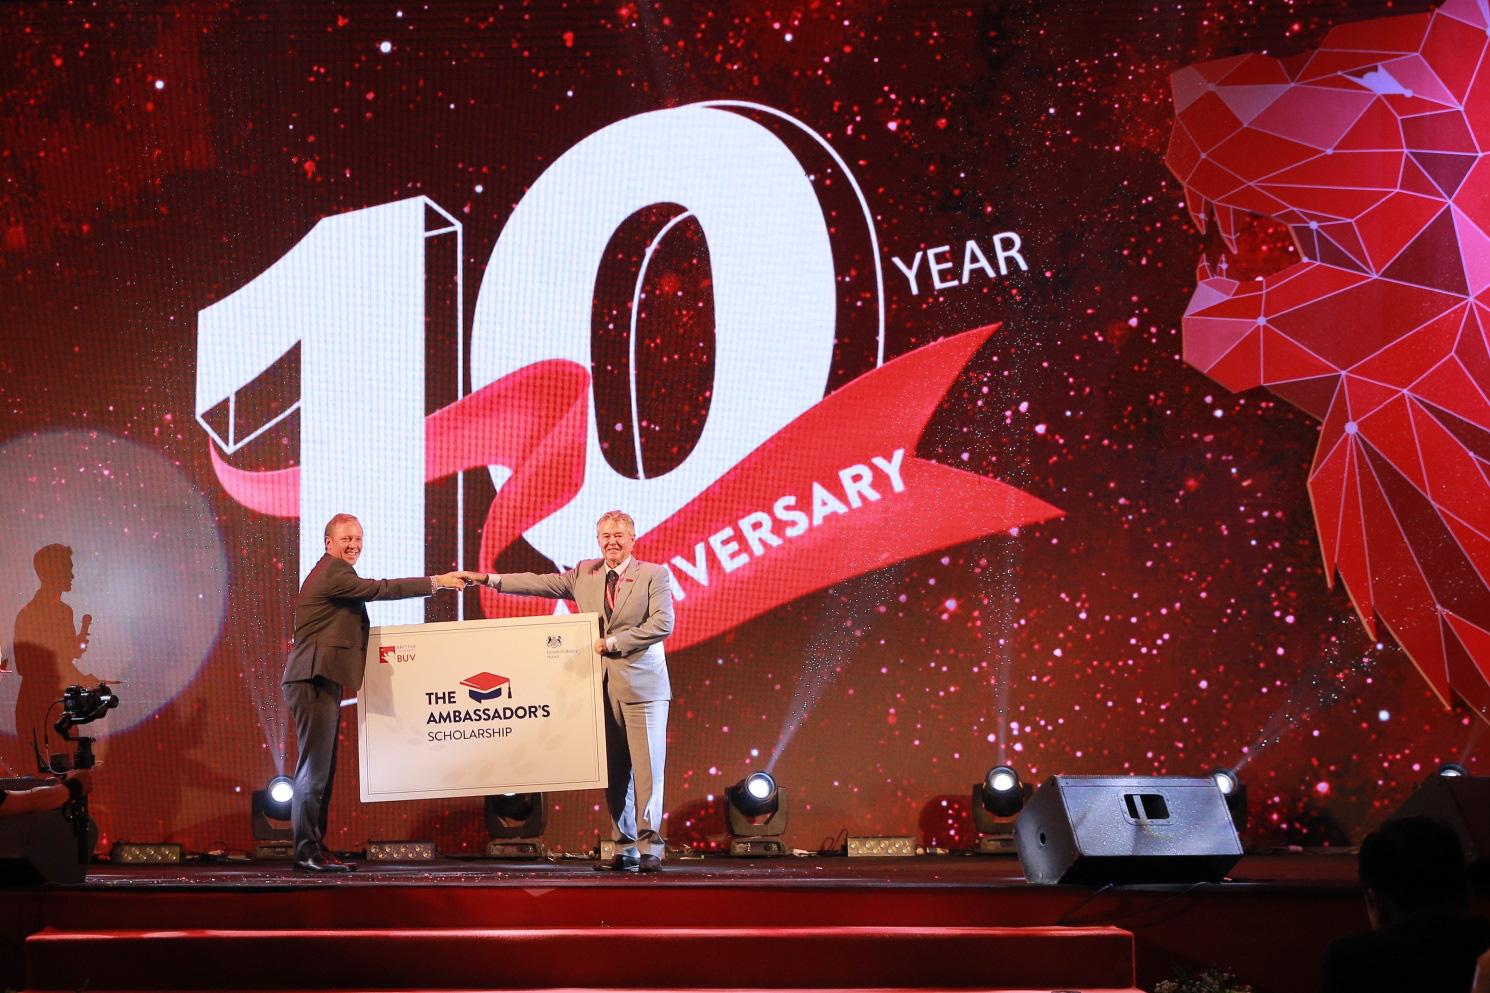 Trường Đại học Anh Quốc Việt Nam kỷ niệm 10 năm thành lập - Ảnh 4.